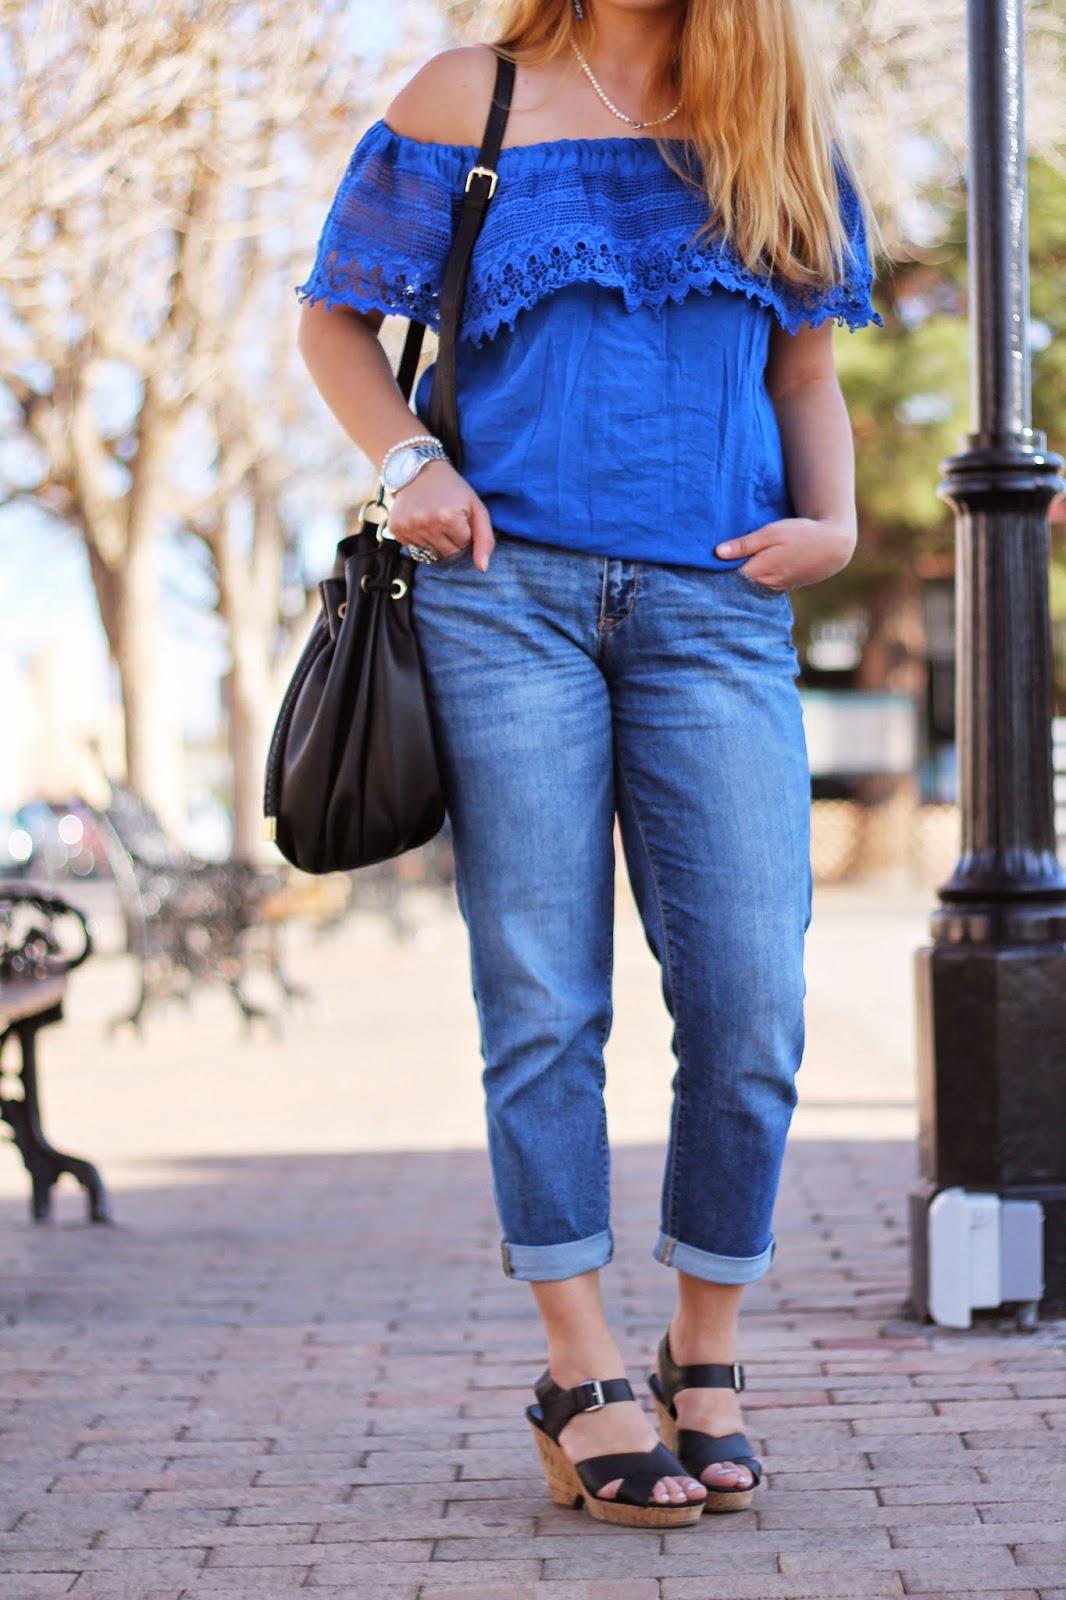 fashamorphosis outfit cold shoulder top boyfriend jeans. Black Bedroom Furniture Sets. Home Design Ideas